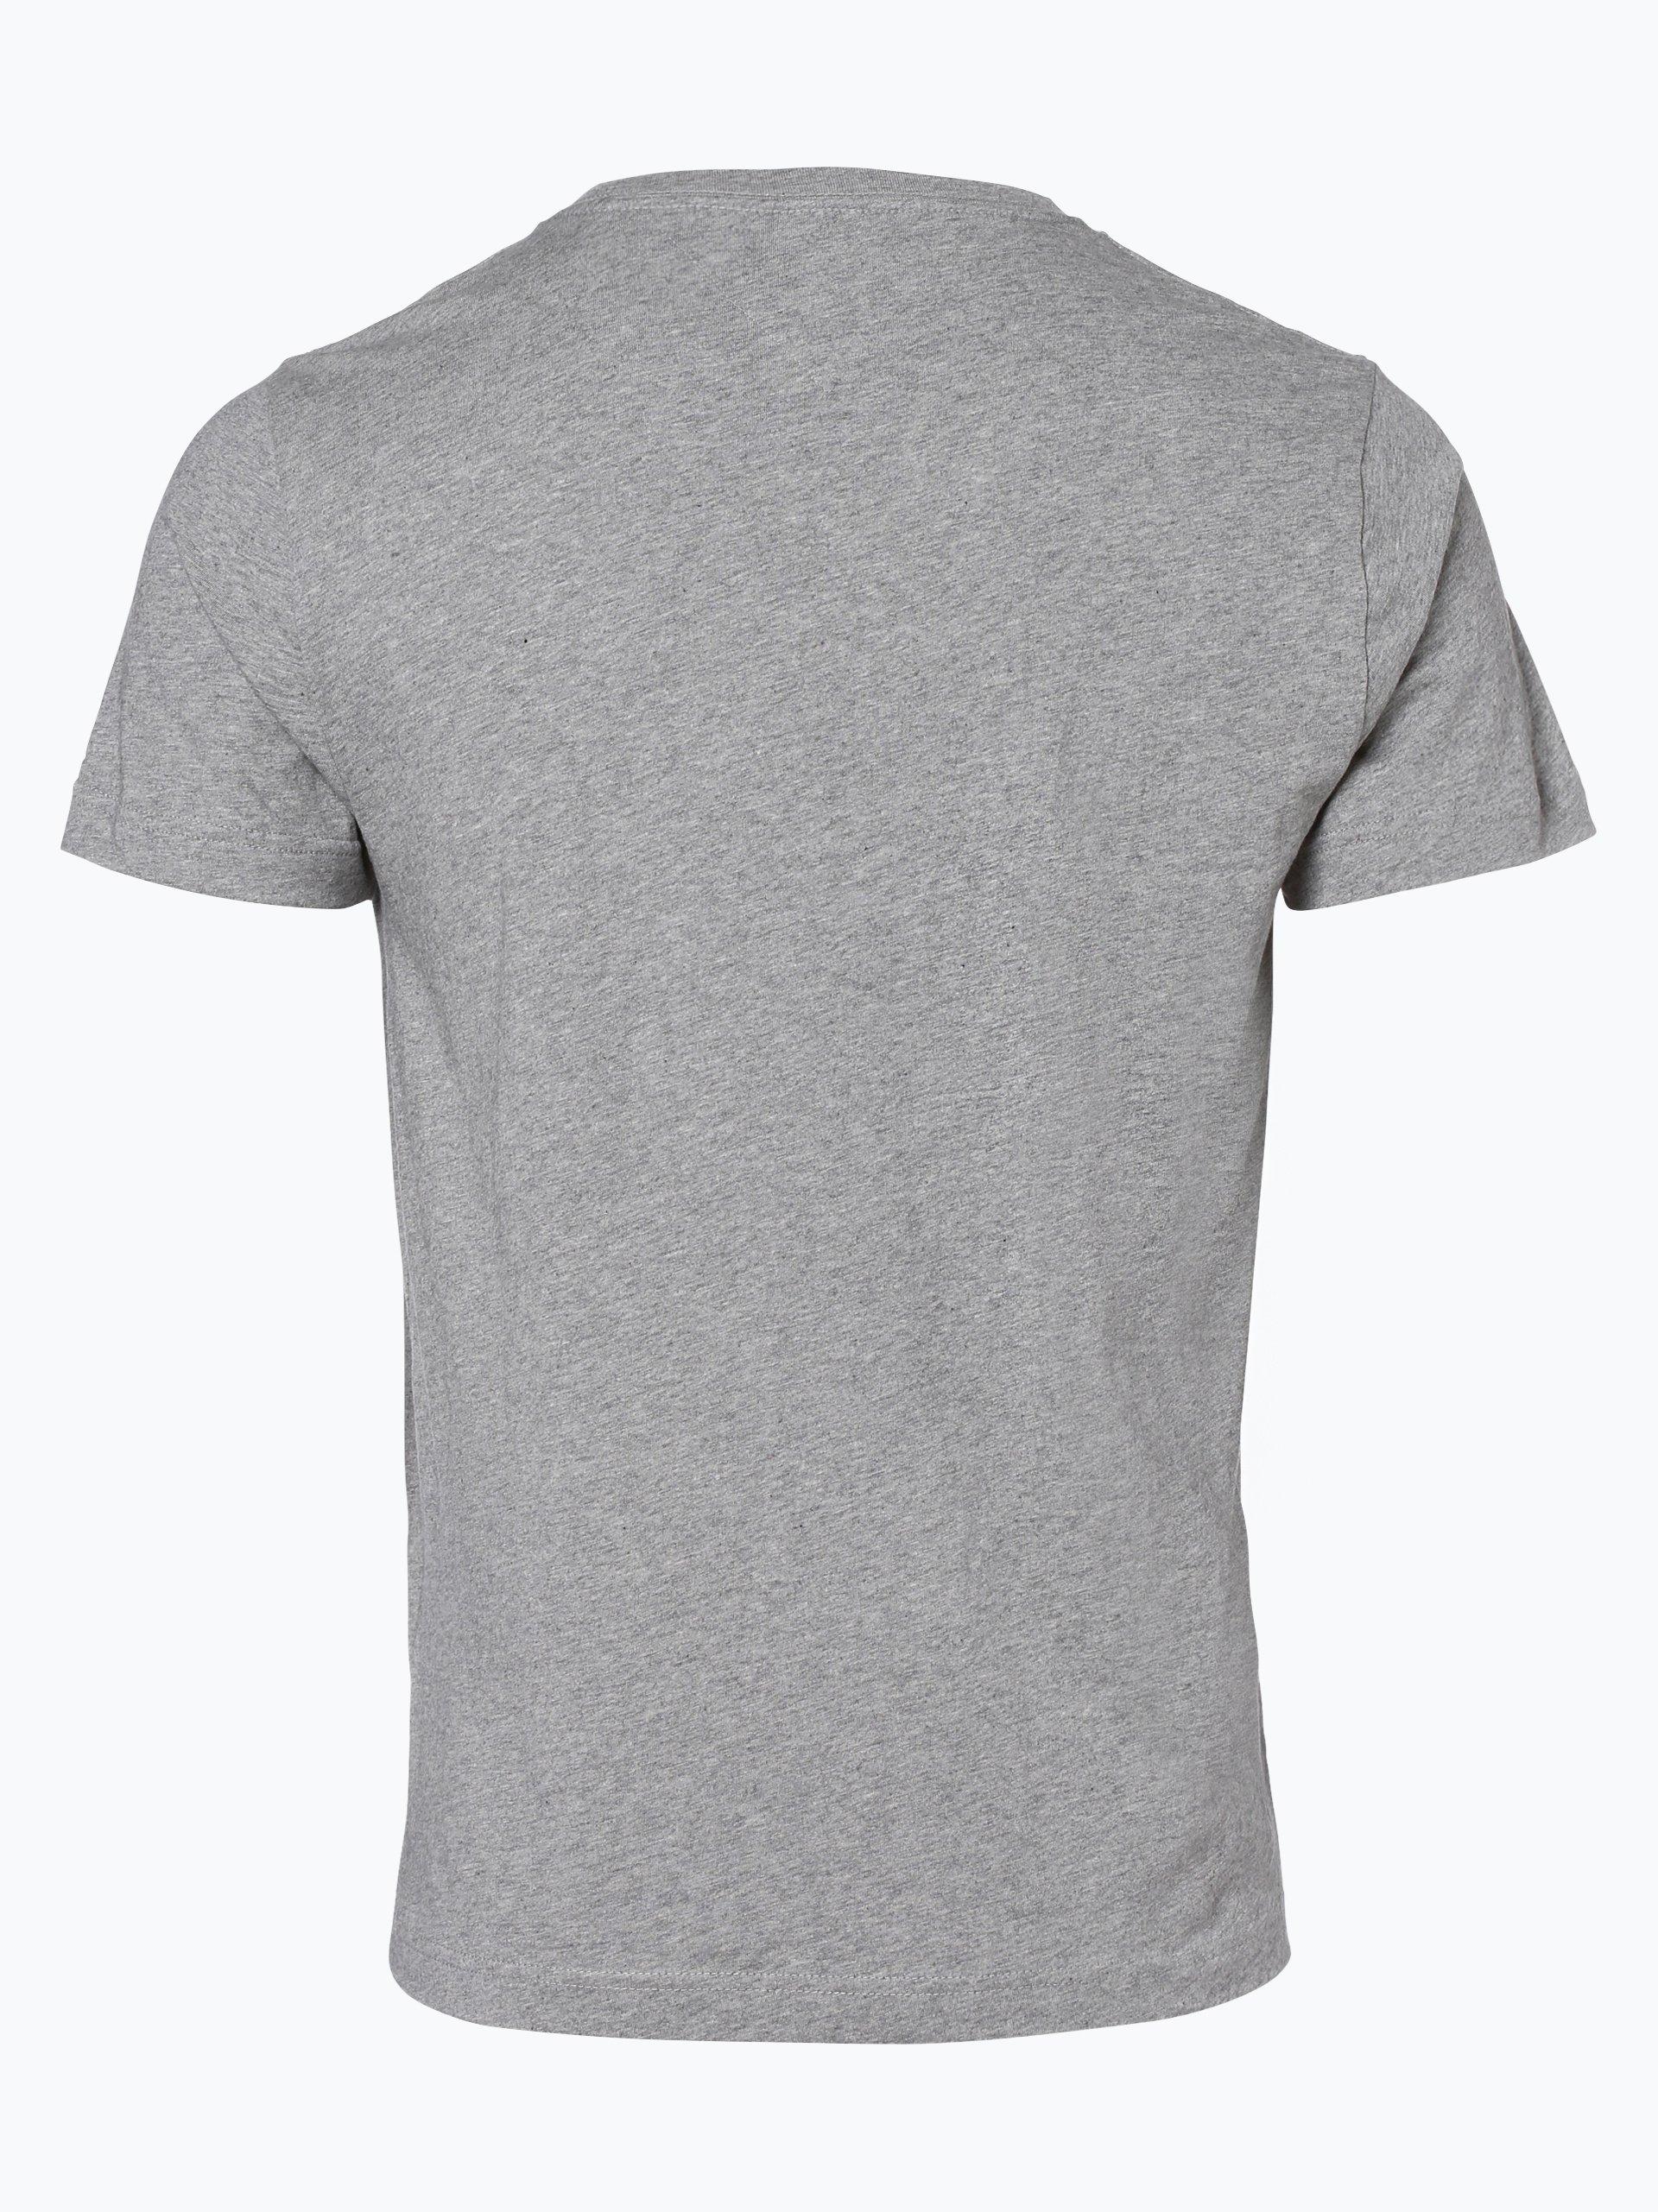 tommy hilfiger herren t shirt owen grau bedruckt online kaufen vangraaf com. Black Bedroom Furniture Sets. Home Design Ideas